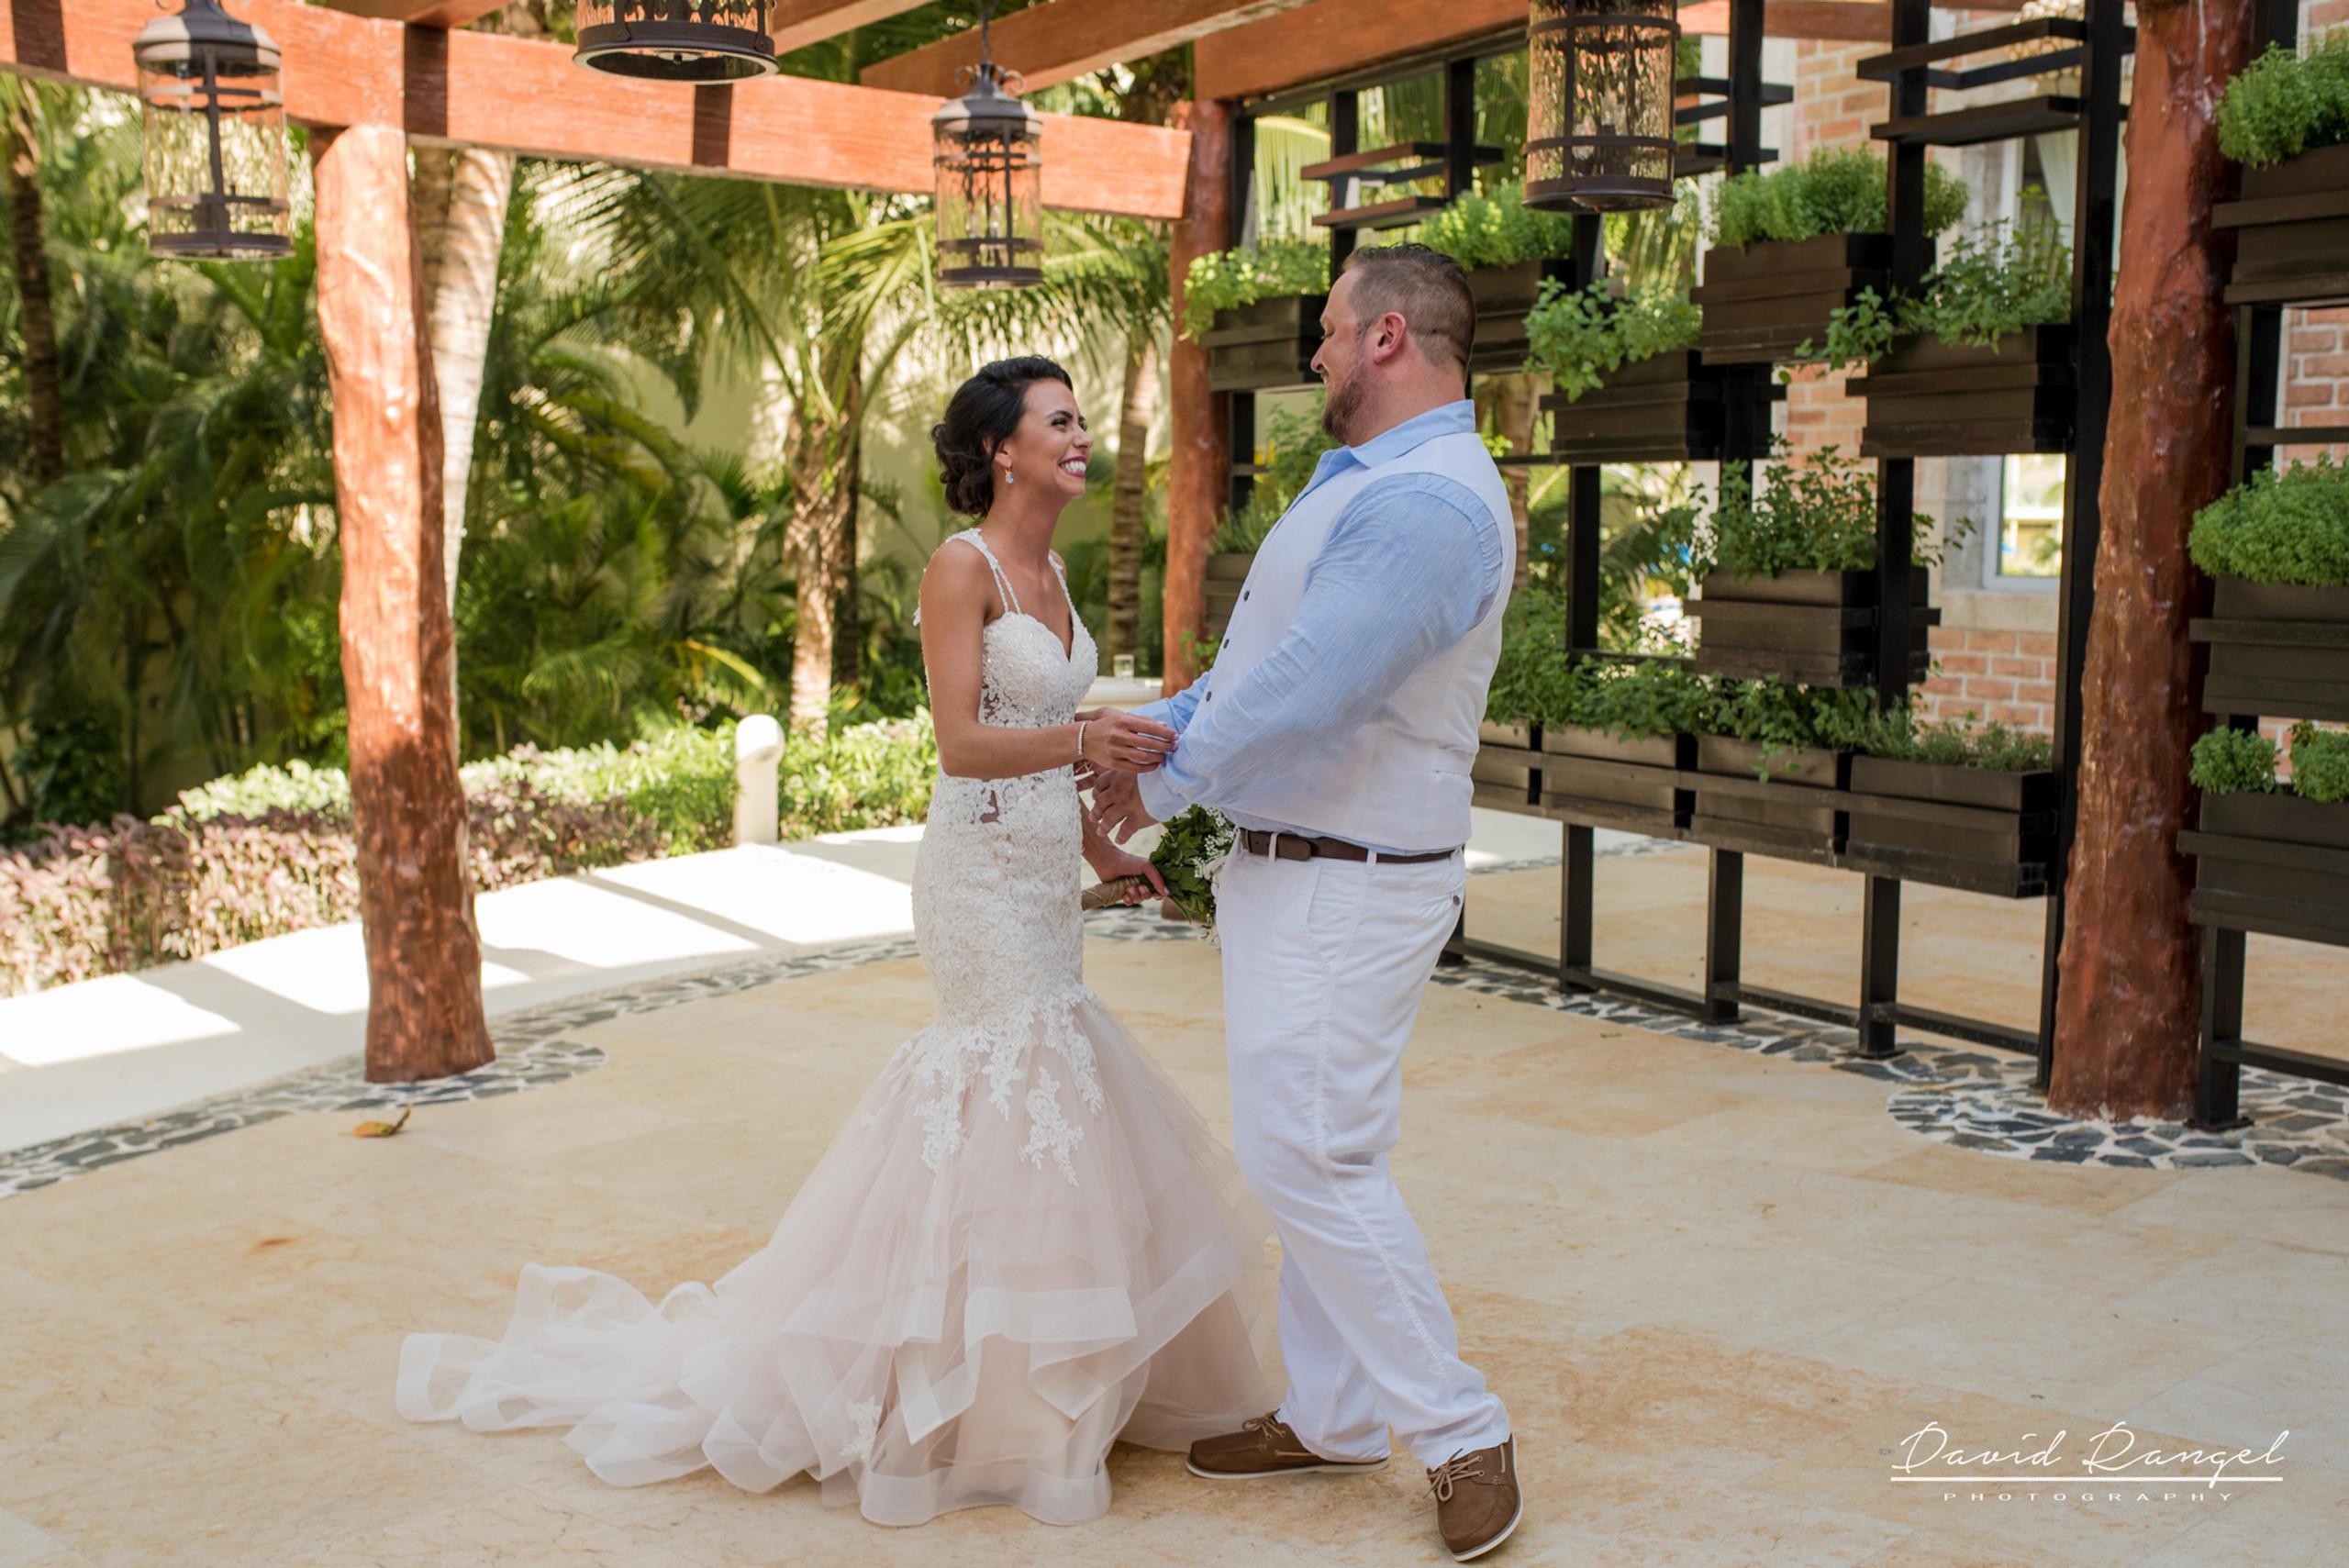 firstlook+bride+groom+to+be